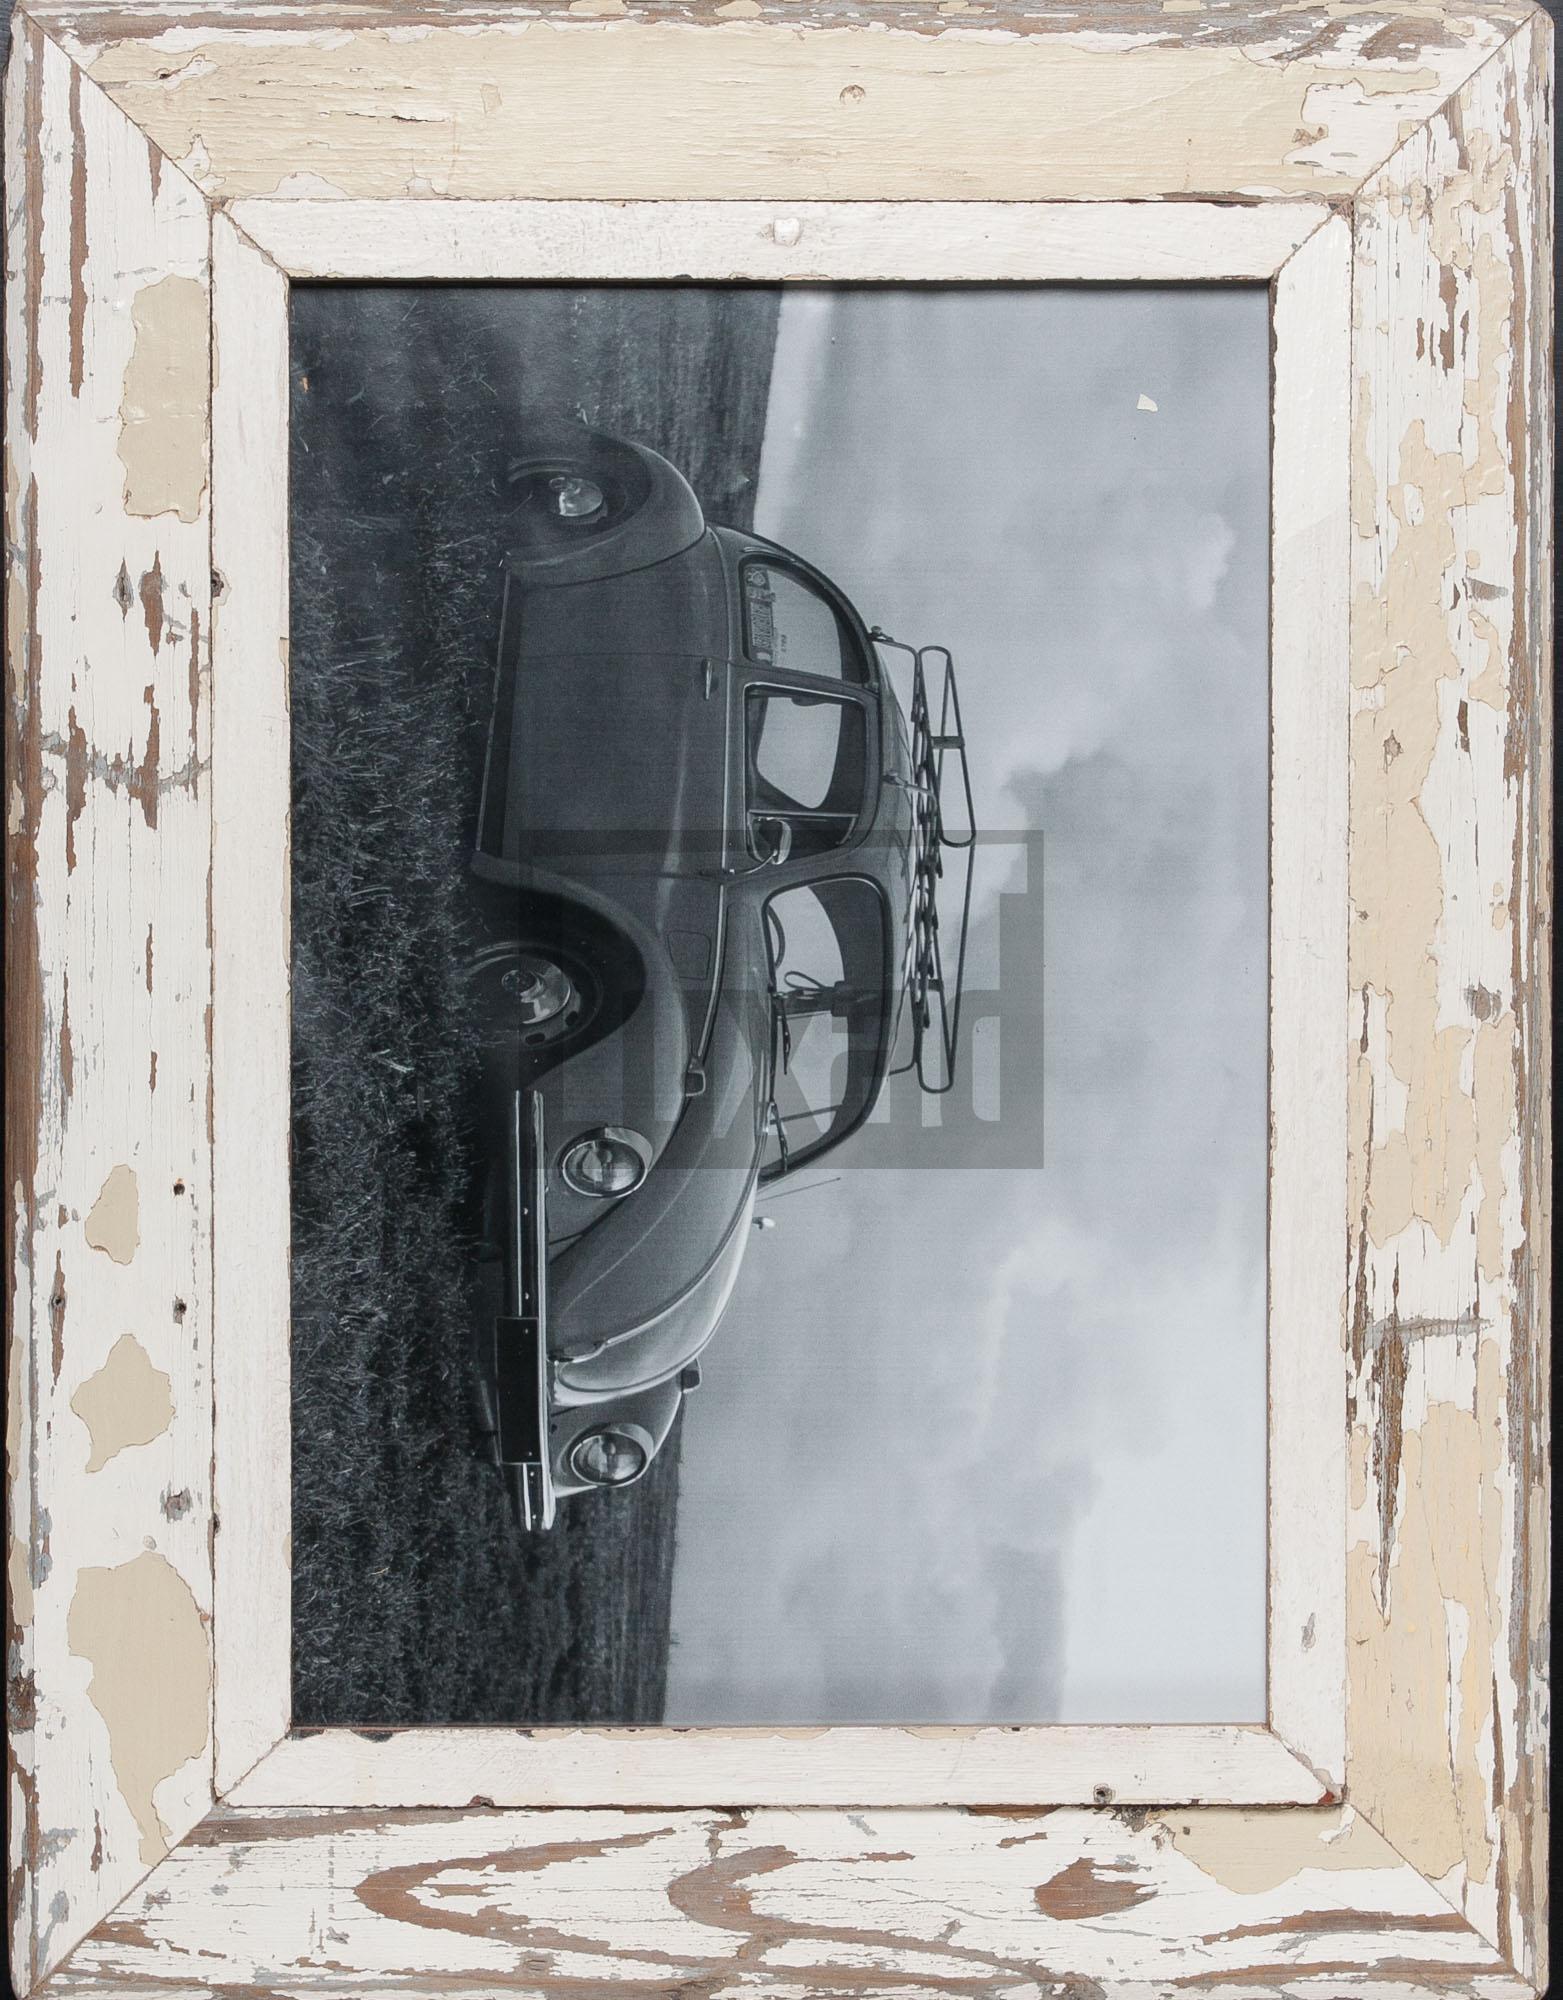 Vintage-Bilderrahmen aus altem Holz von der Luna Design Company